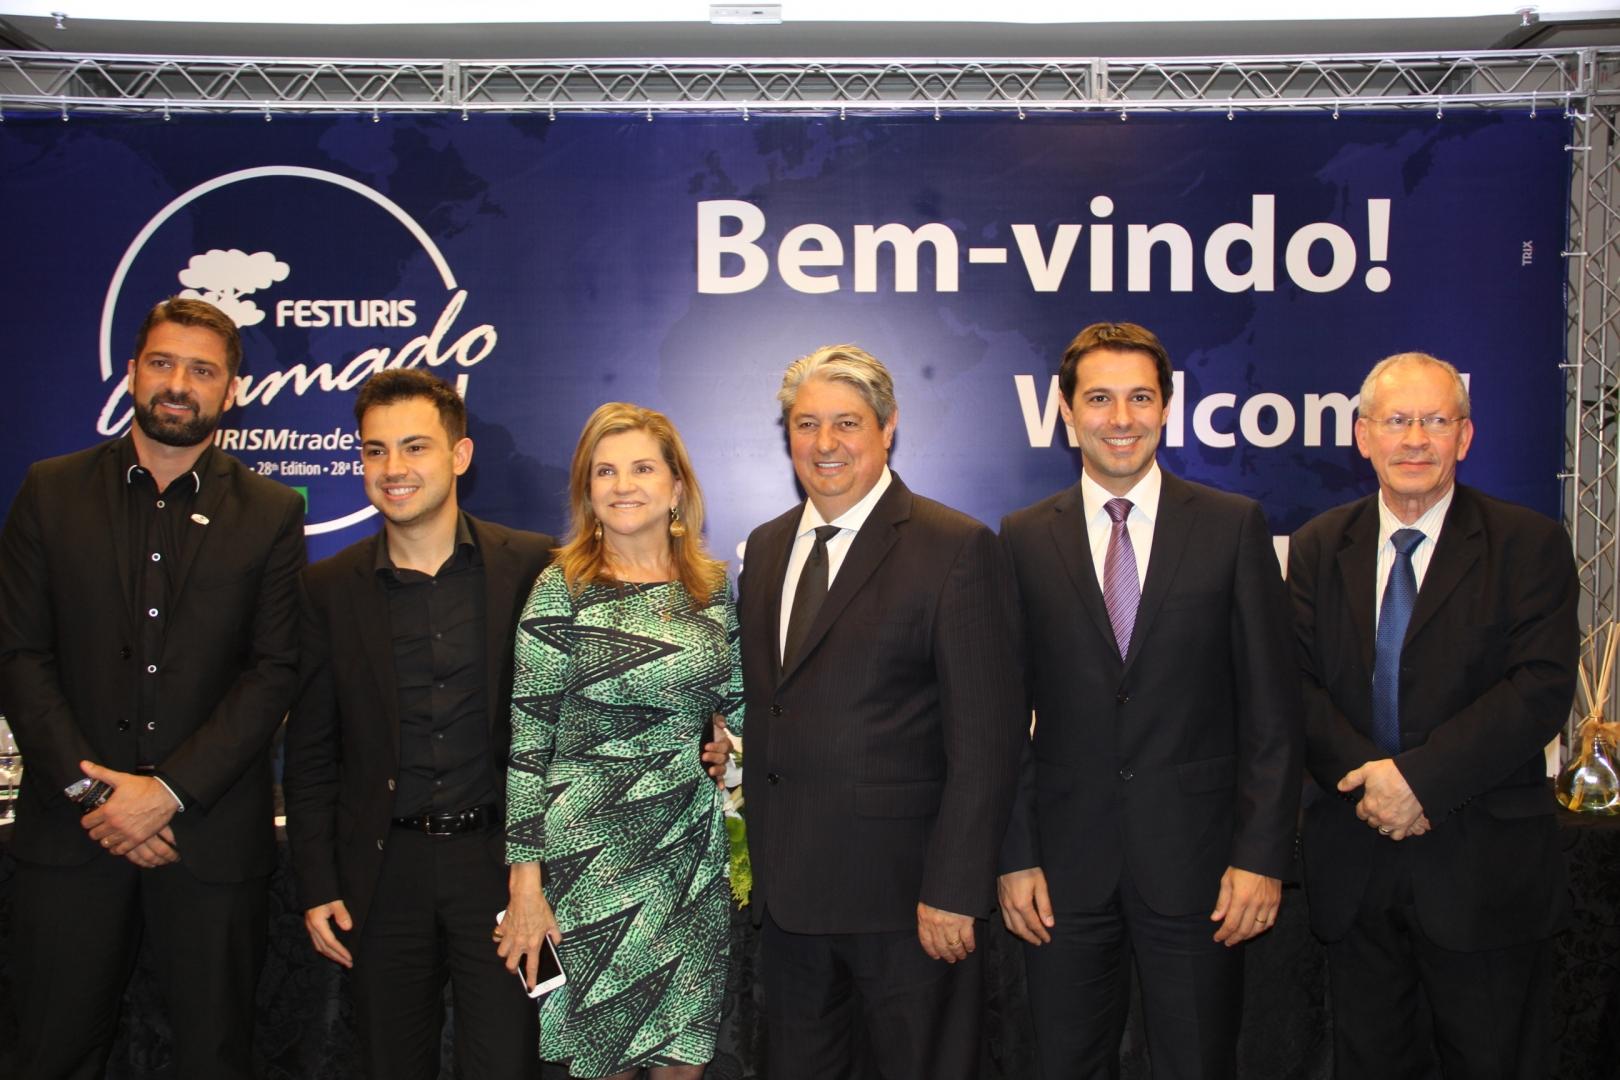 28ª Feira Internacional de Turismo e Espaço Luxury foram lançados em coletiva de imprensa